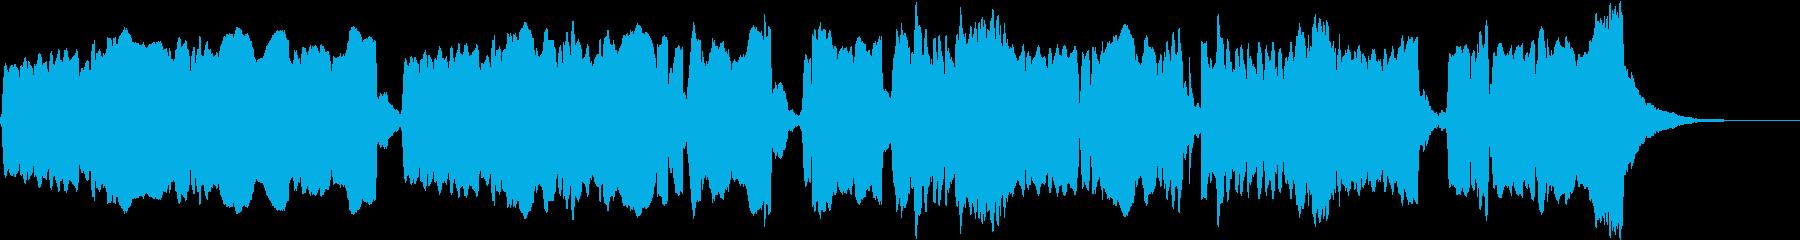 尺八と琴の調べ:凛とした澄んだ空気の再生済みの波形